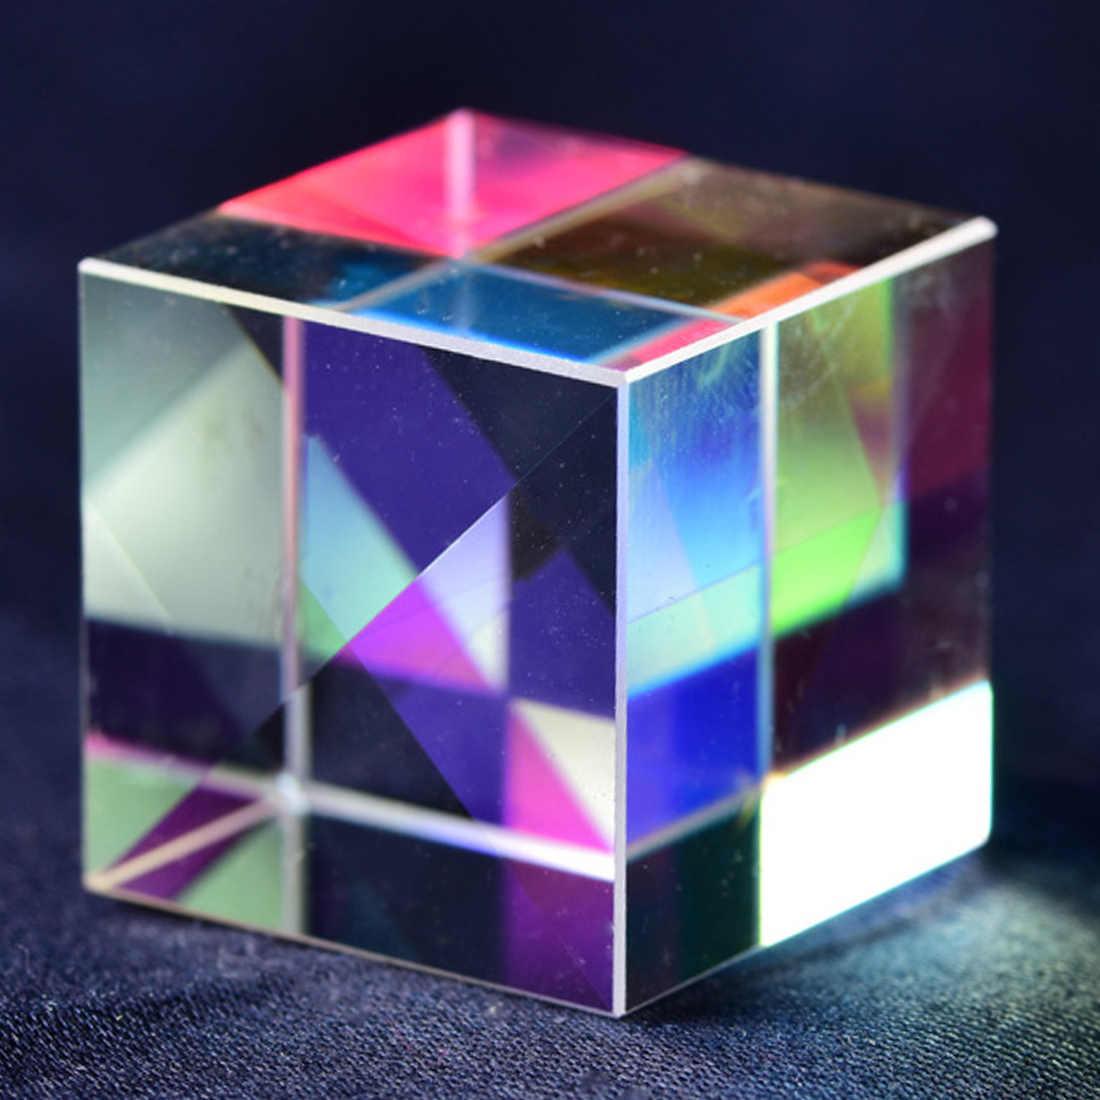 Optische Glazen Kubus Defecte Cross Dichroic Prism Spiegel Combiner Splitter Decor 18x18mm Transparant Module Speelgoed Leermiddelen